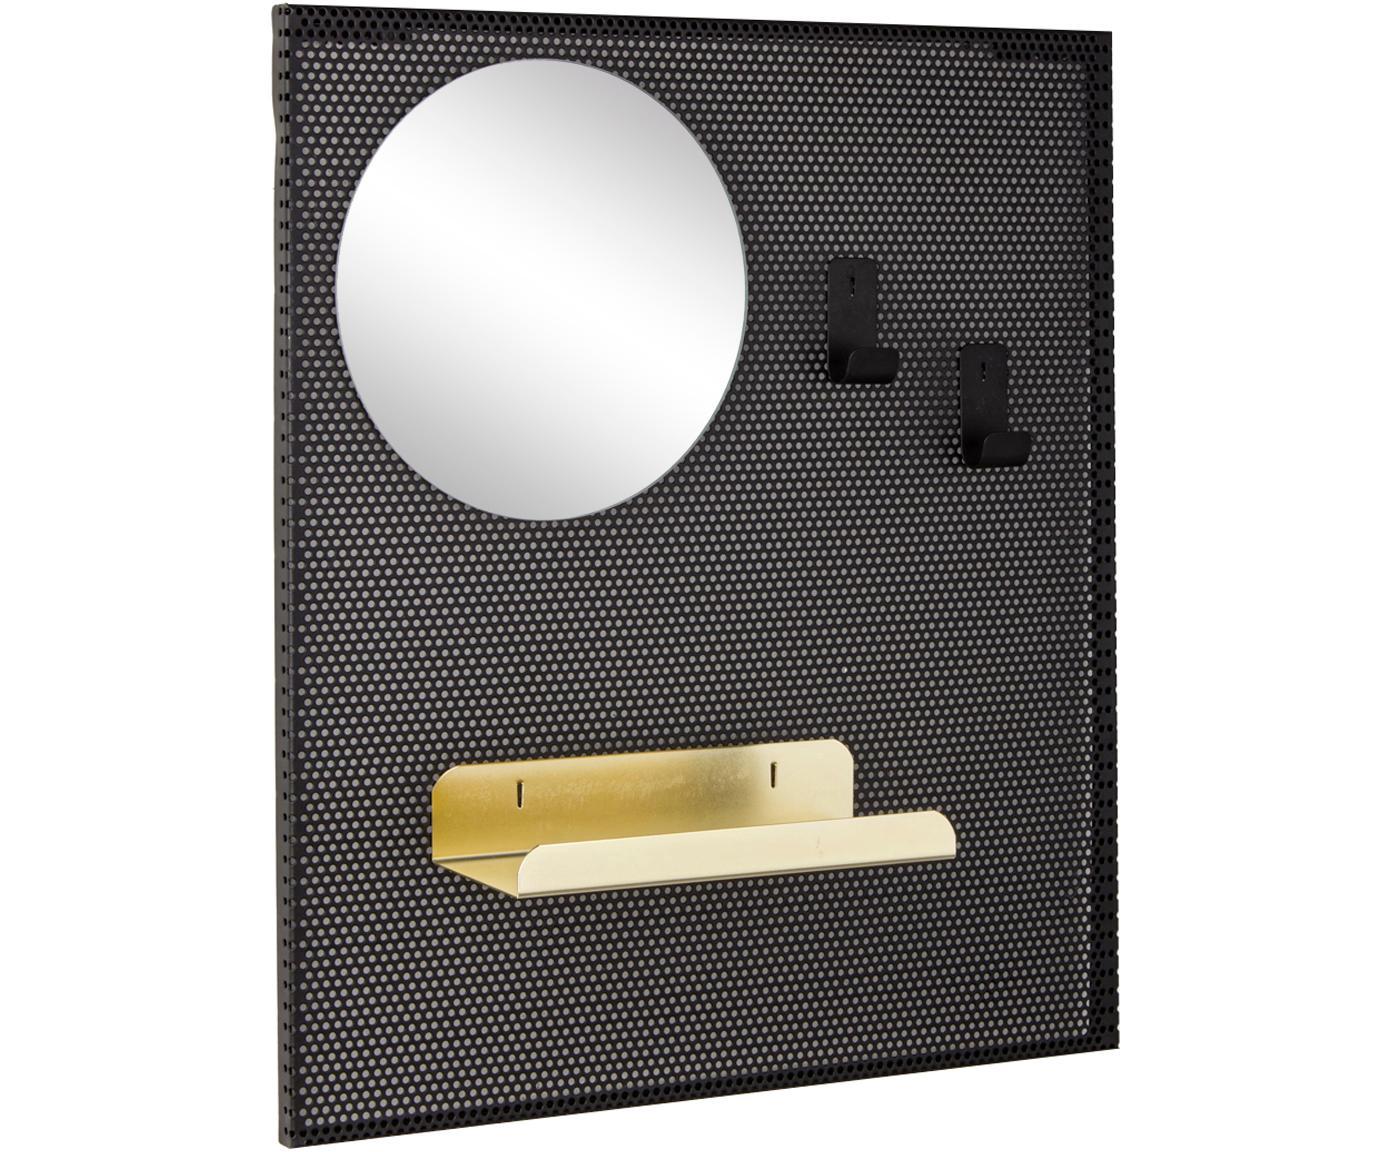 Ganci appendiabiti da parete con specchio Metric, Superficie dello specchio: vetro a specchio, Nero, Larg. 40 x Alt. 46 cm